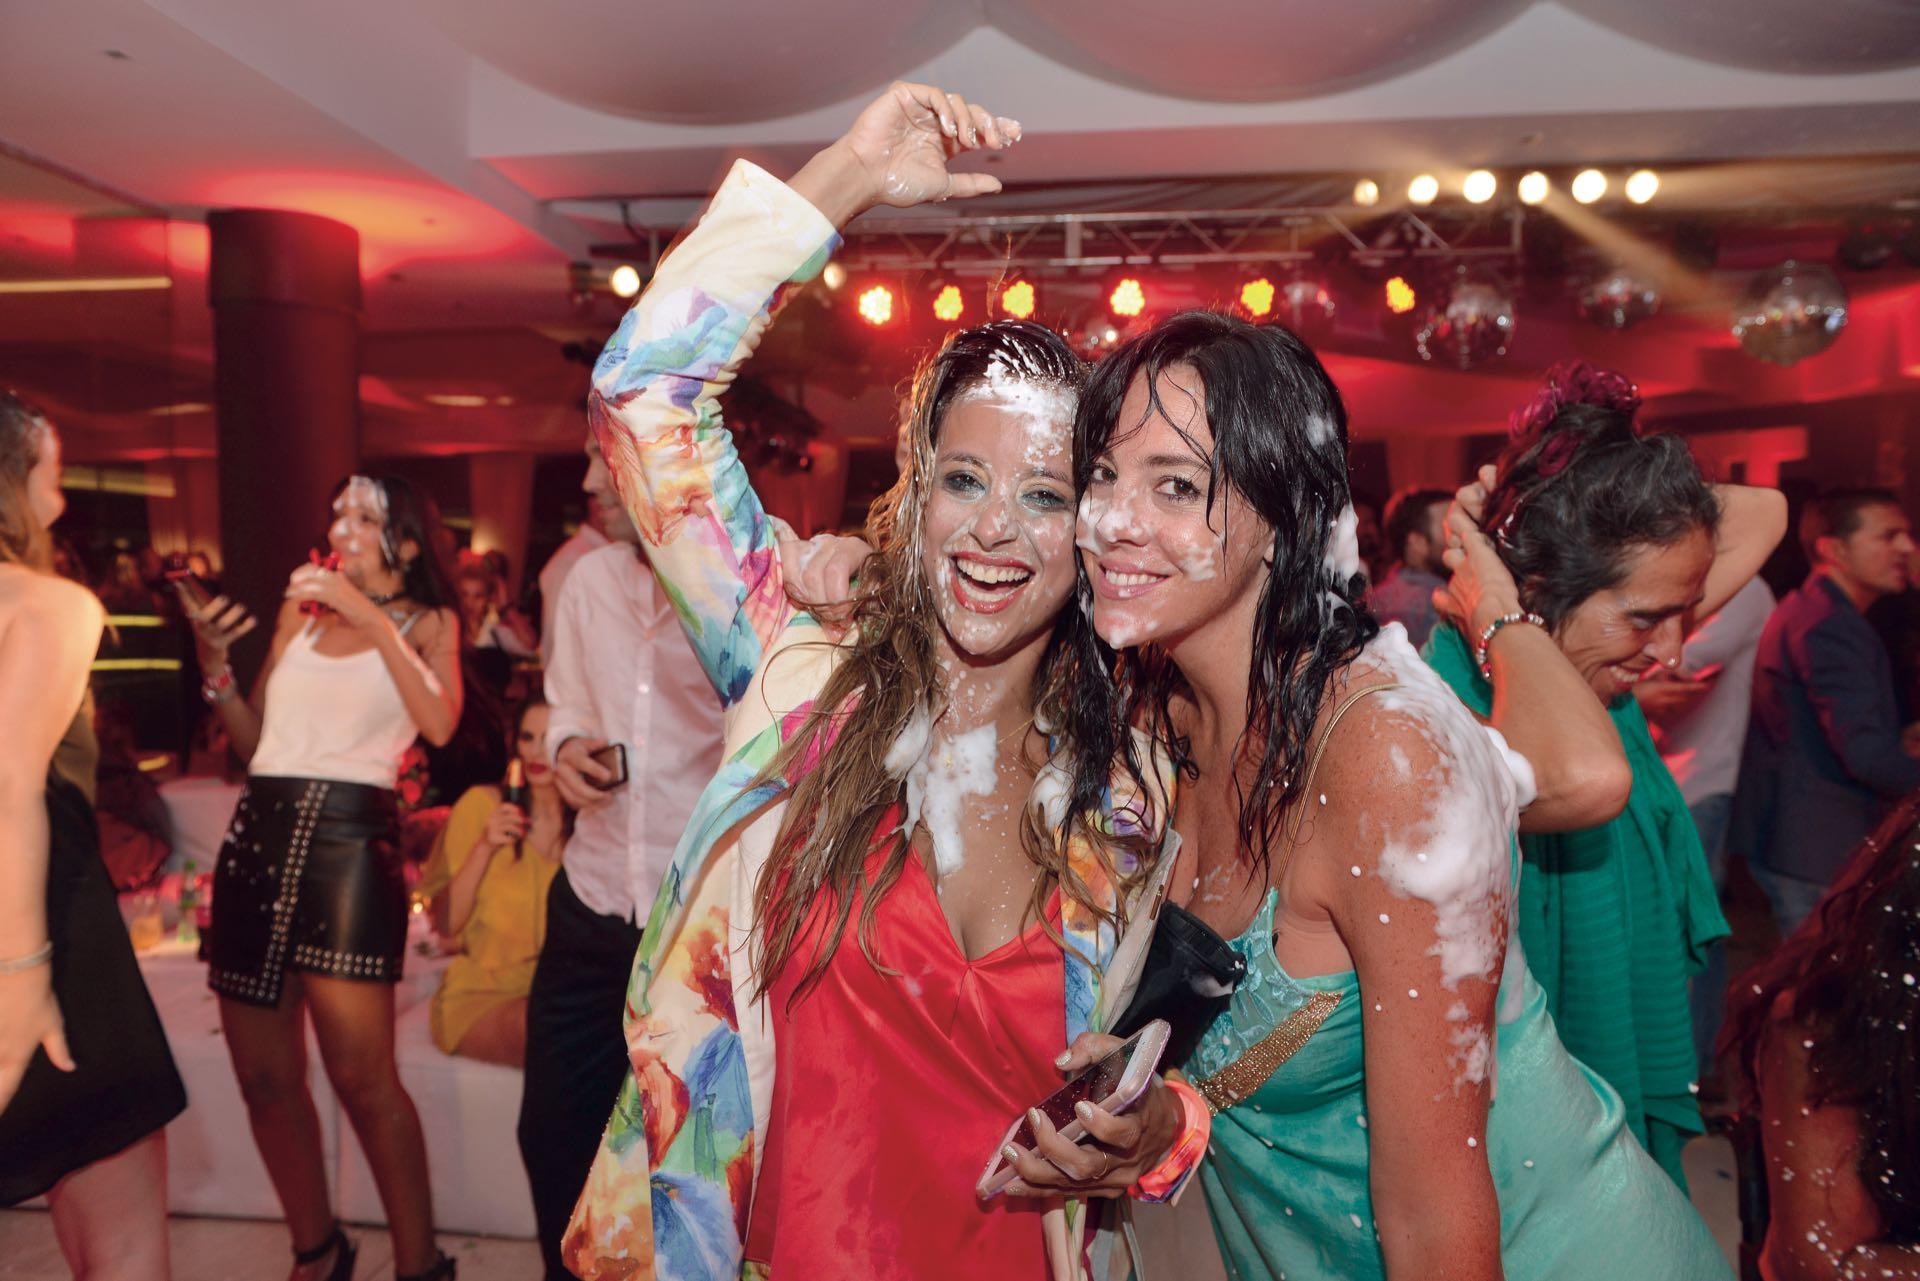 Así quedaron Lourdes y Gladys Ragona, productora de DABOPE, tras el Carnaval carioca. (Foto GENTE)